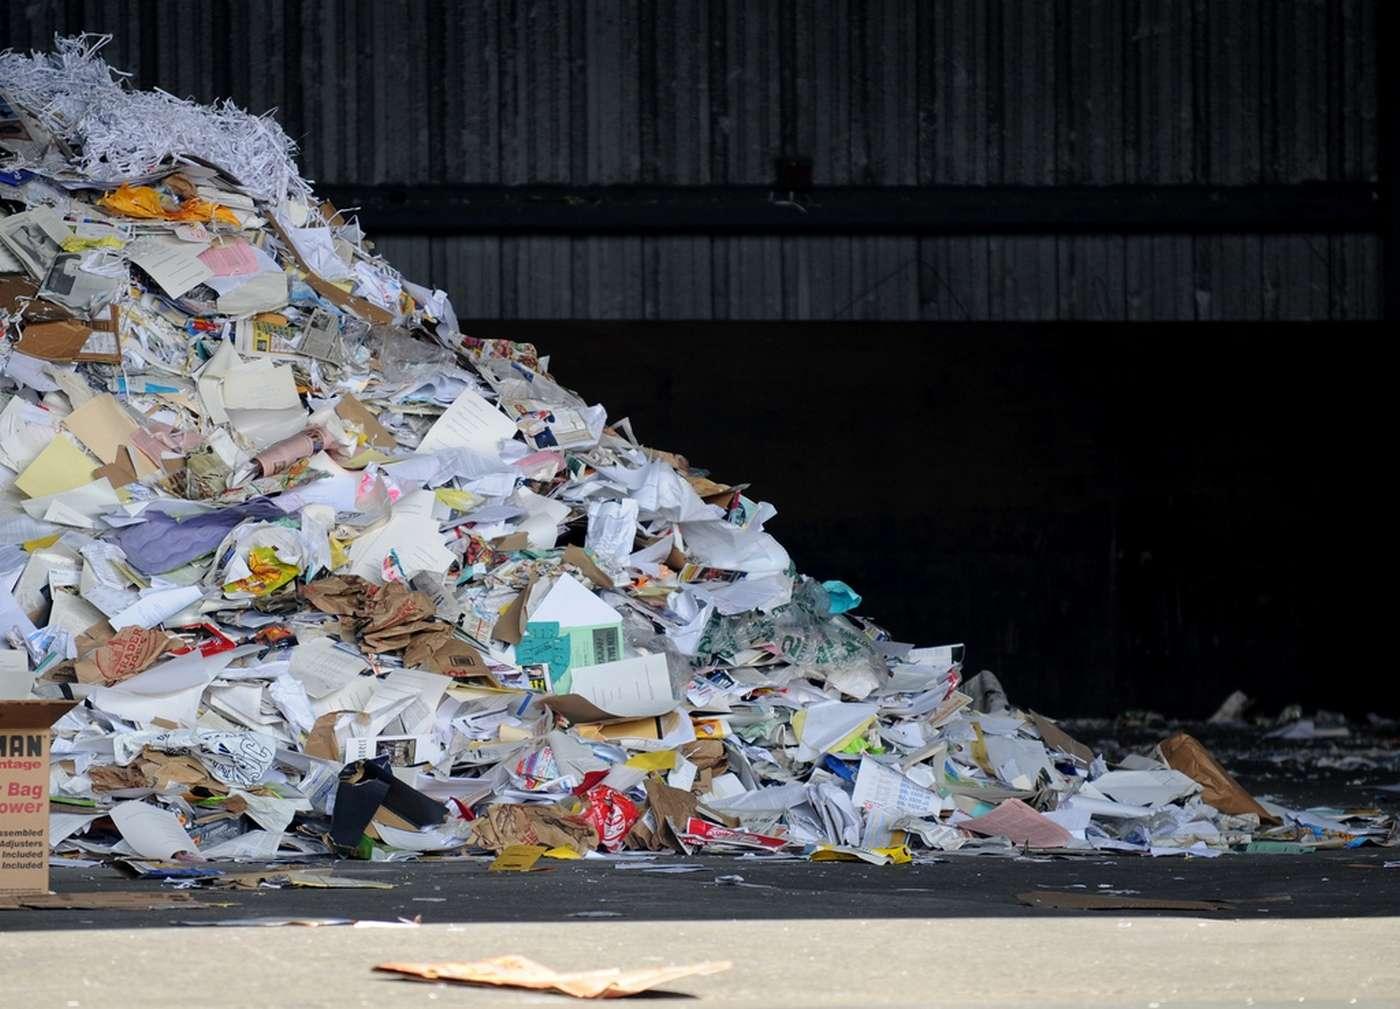 Début 2016, Epson commercialisera sa machine à recycler le papier qui travaille en utilisant un minimum d'eau. Son tarif n'a pas encore été annoncé. © D Coetzee, Flickr, CC0 1.0